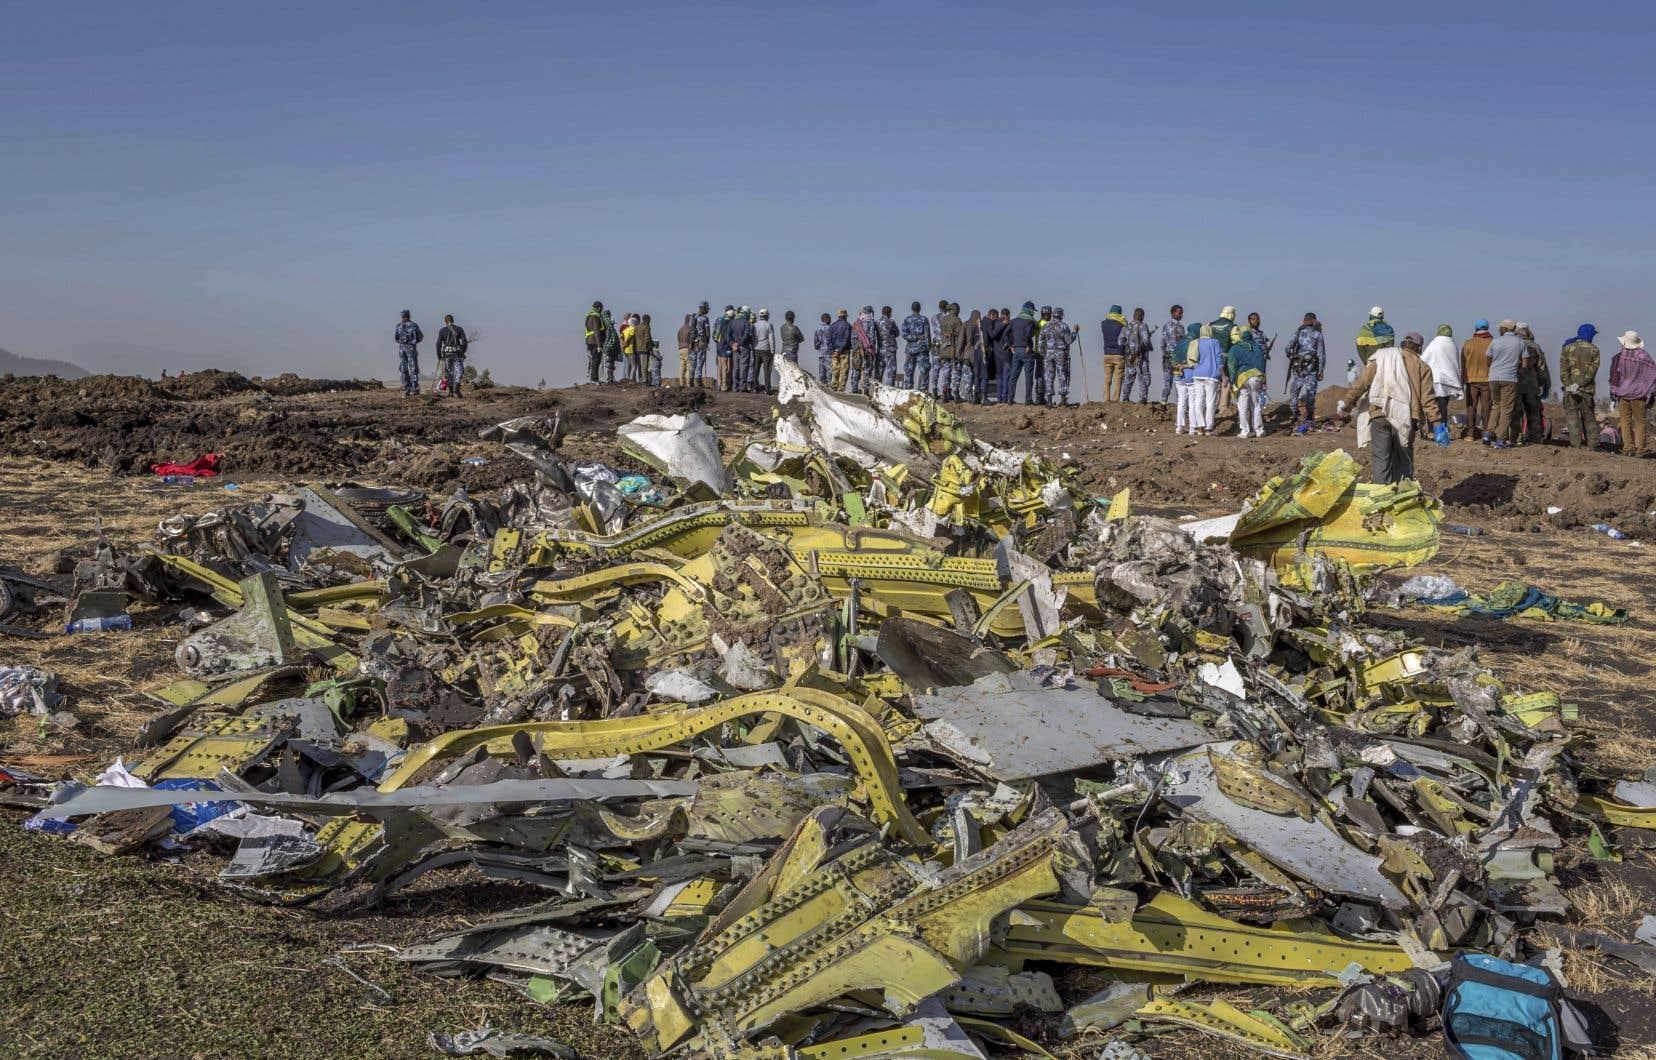 Le 10 mars 2019, six minutes après son décollage d'Addis Abeba, le vol ET302 à destination de Nairobi s'était écrasé dans un champ.